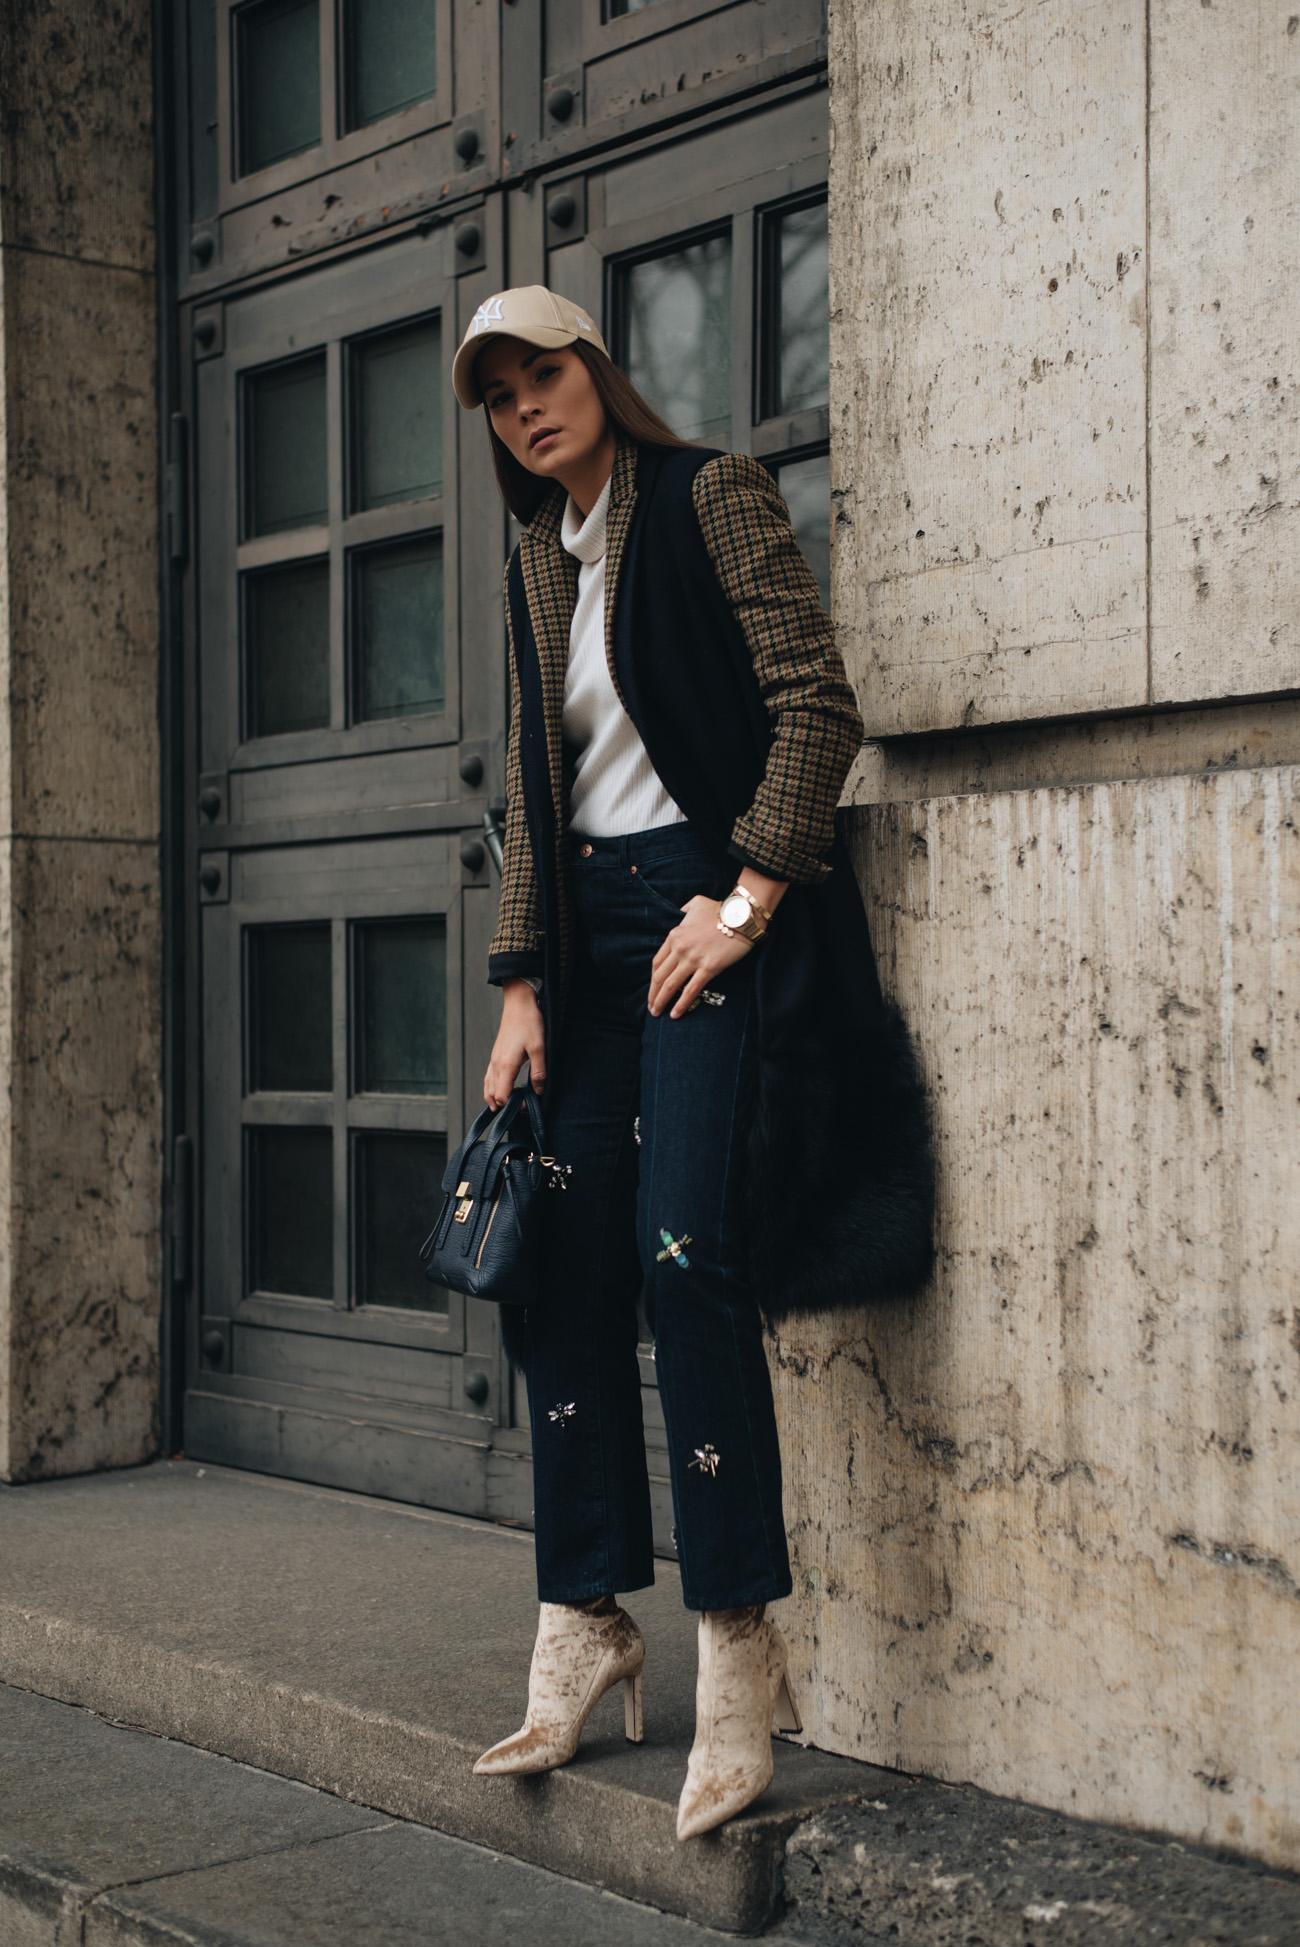 Lange-Wollweste-Samt-Sock-Boots-Jimmy-Choo-New-Ere-Cap-Die-besten-mode-und-lifestyle-blogs-deutschlands-münchen-fashiioncarpet-nina-schwichtenberg-luxus-bloggerin